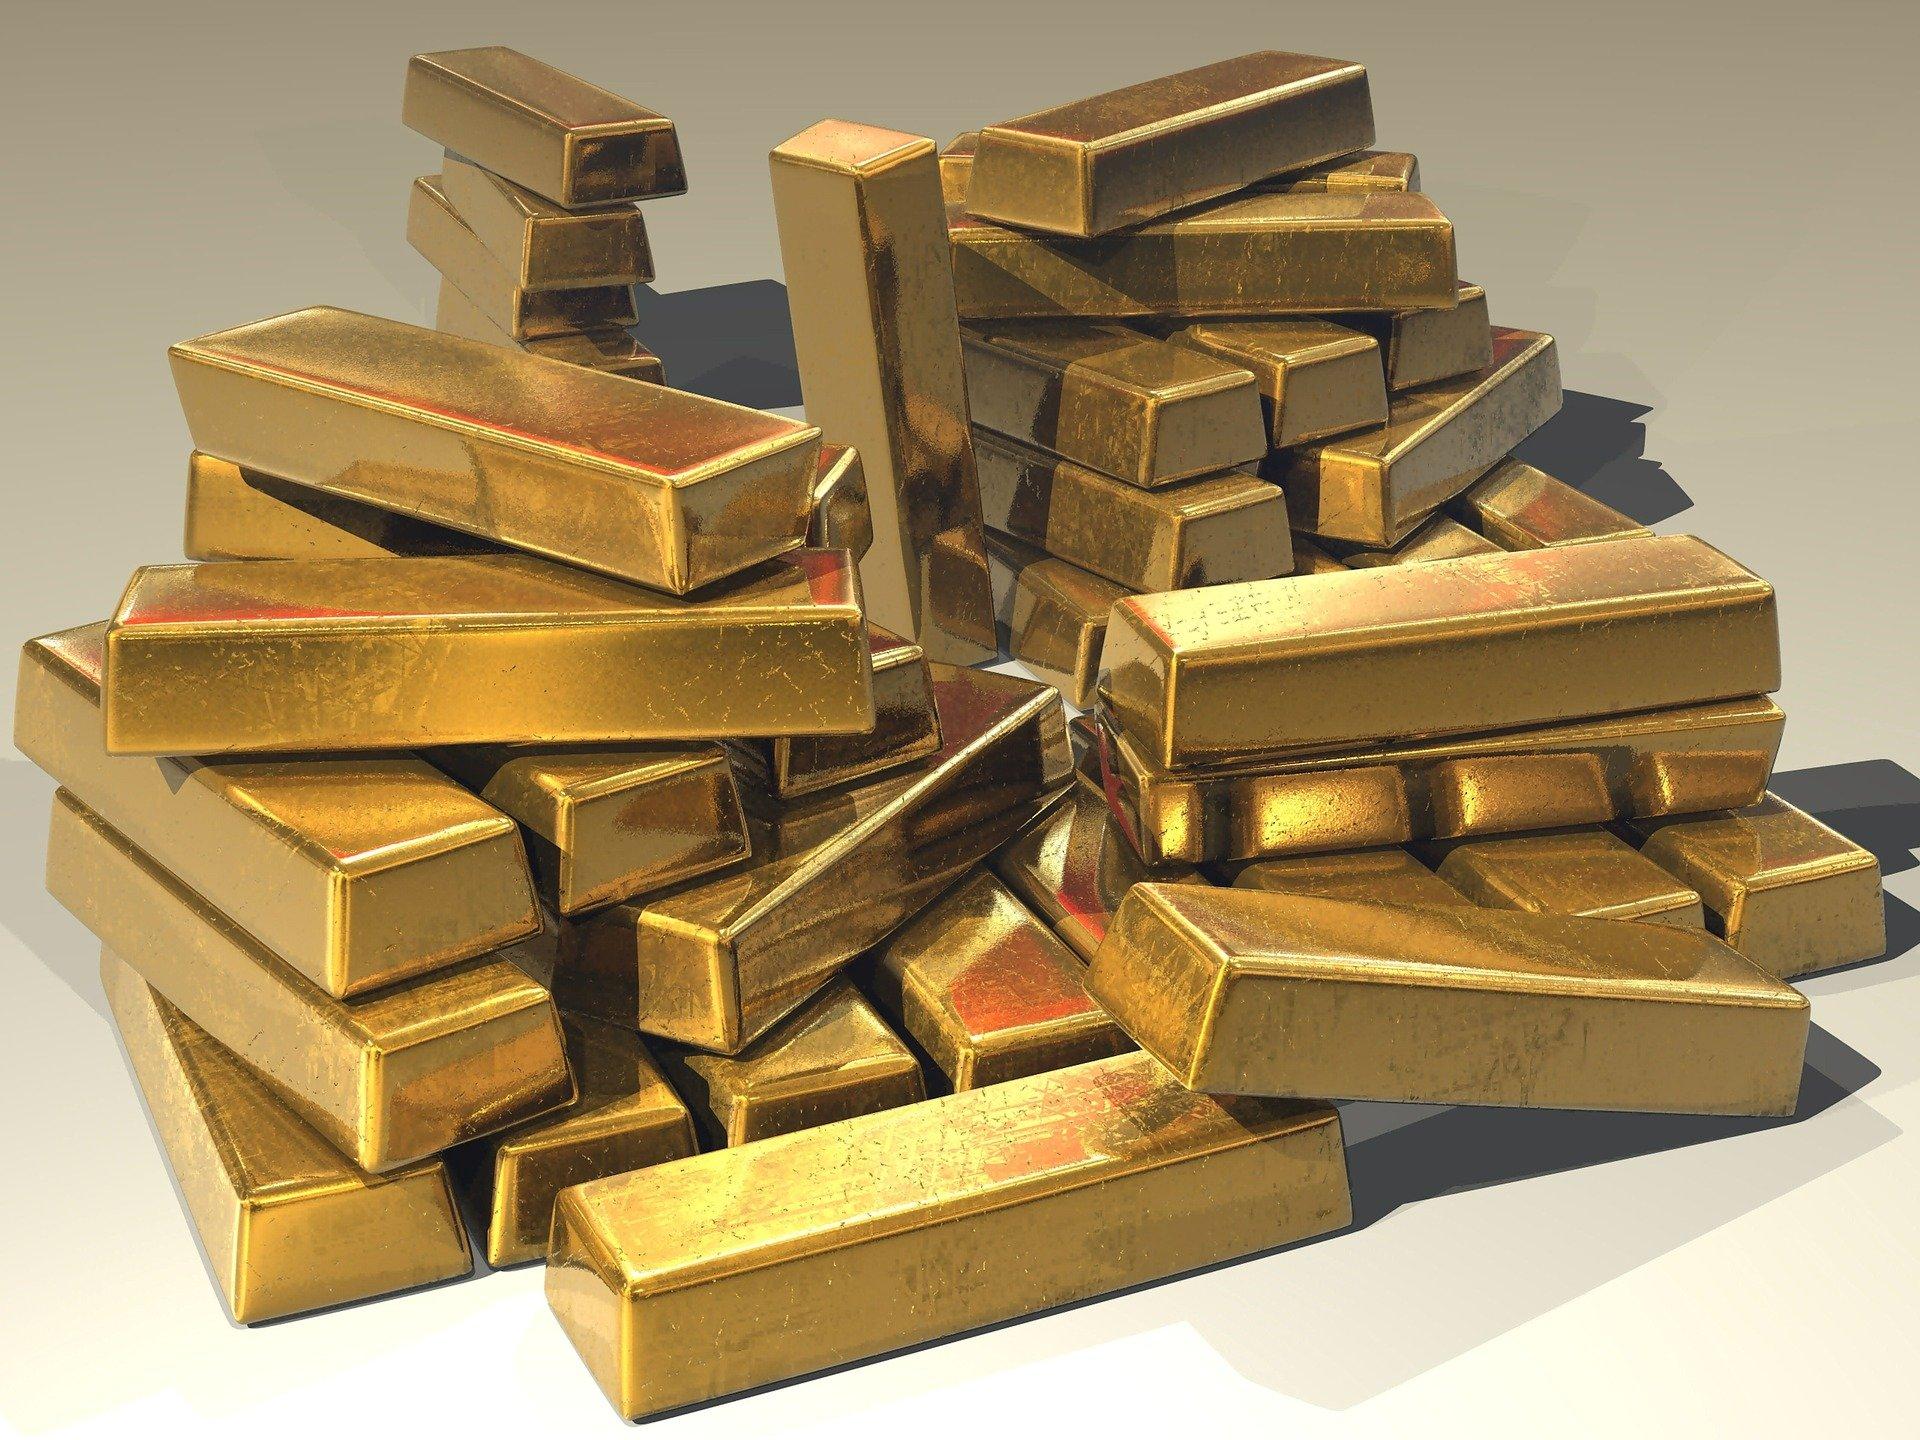 aranyat csempésztek